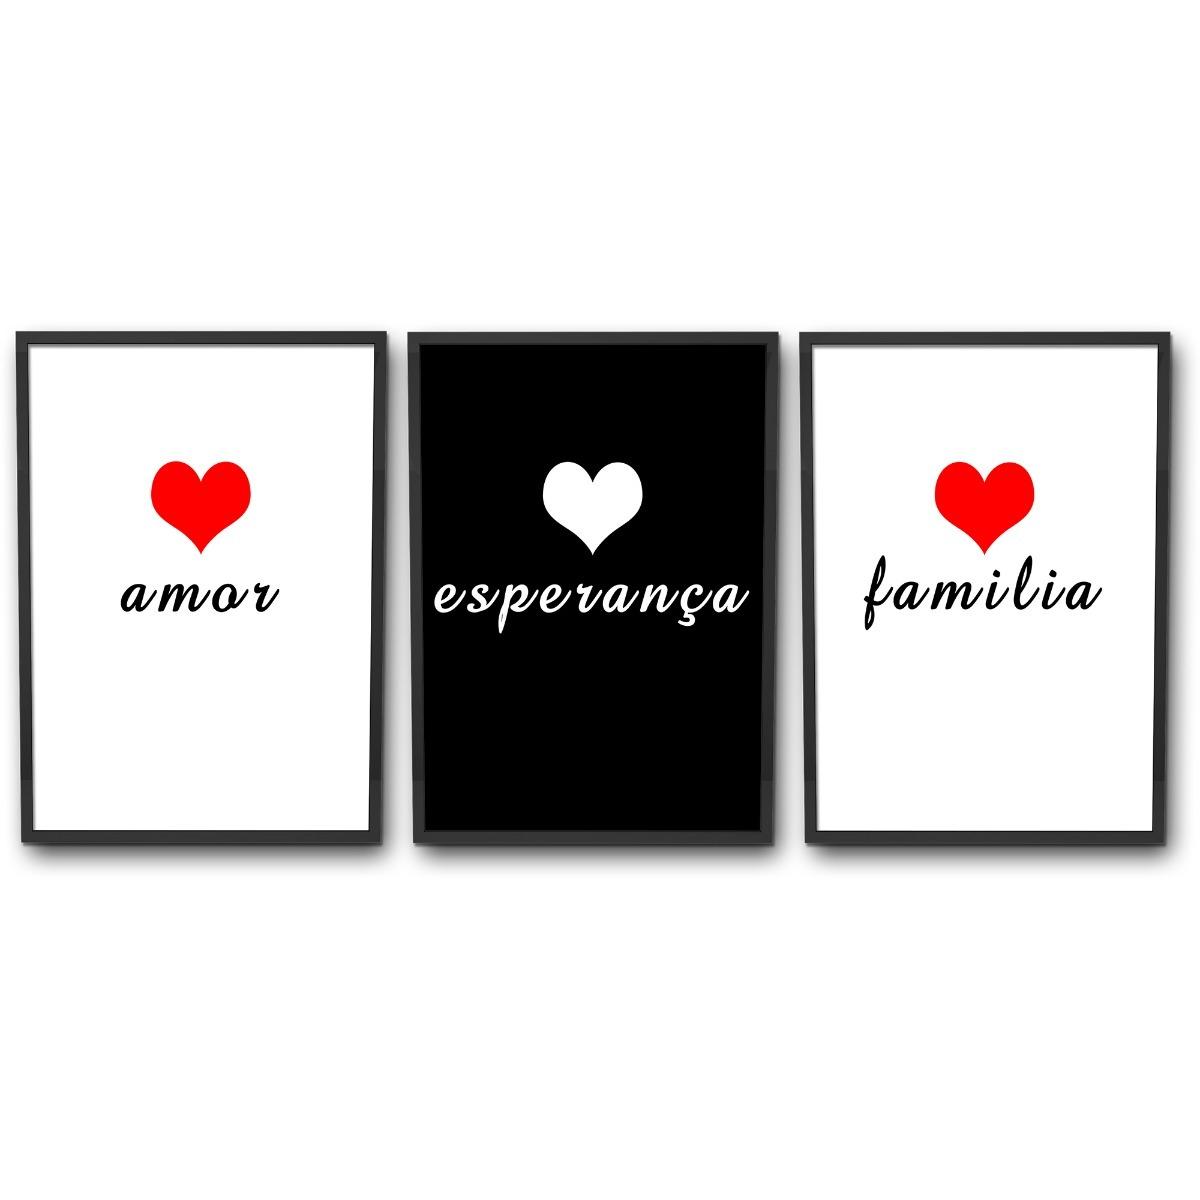 Kit 3 Quadros Decorativo Frases Familia Amor Esperanca Decor R